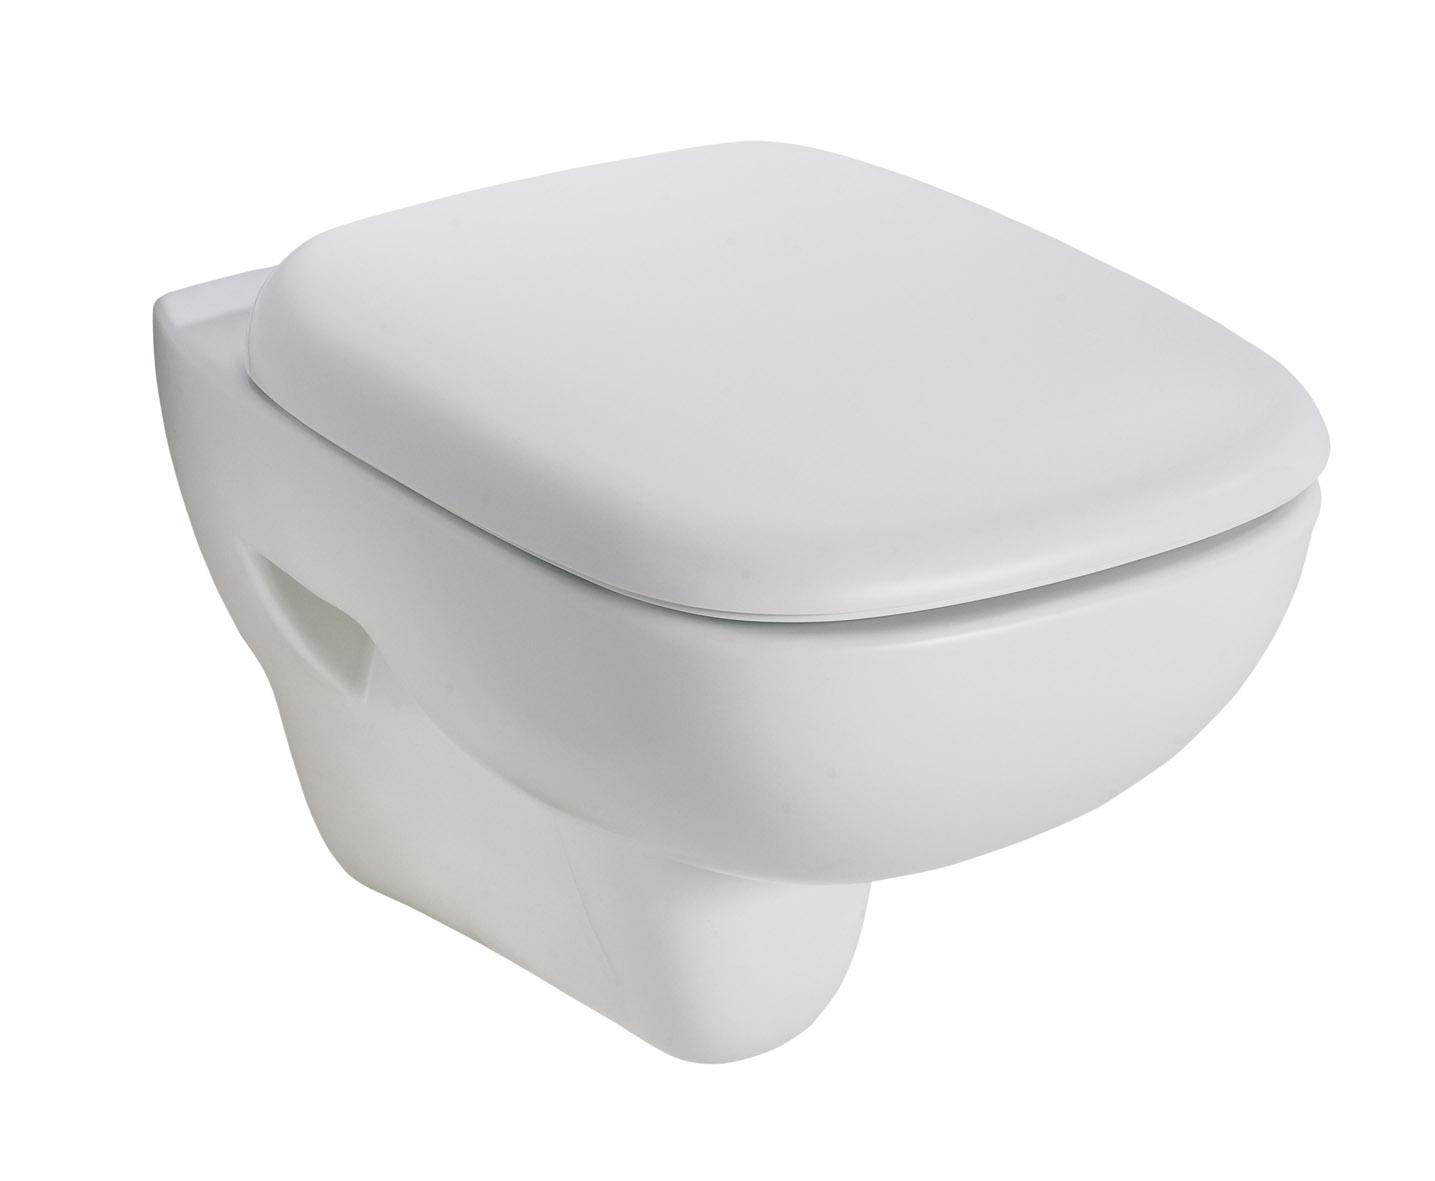 Kolo Style - WC závěsné Rimfree, délka 51 cm, bez sedátka L23120000